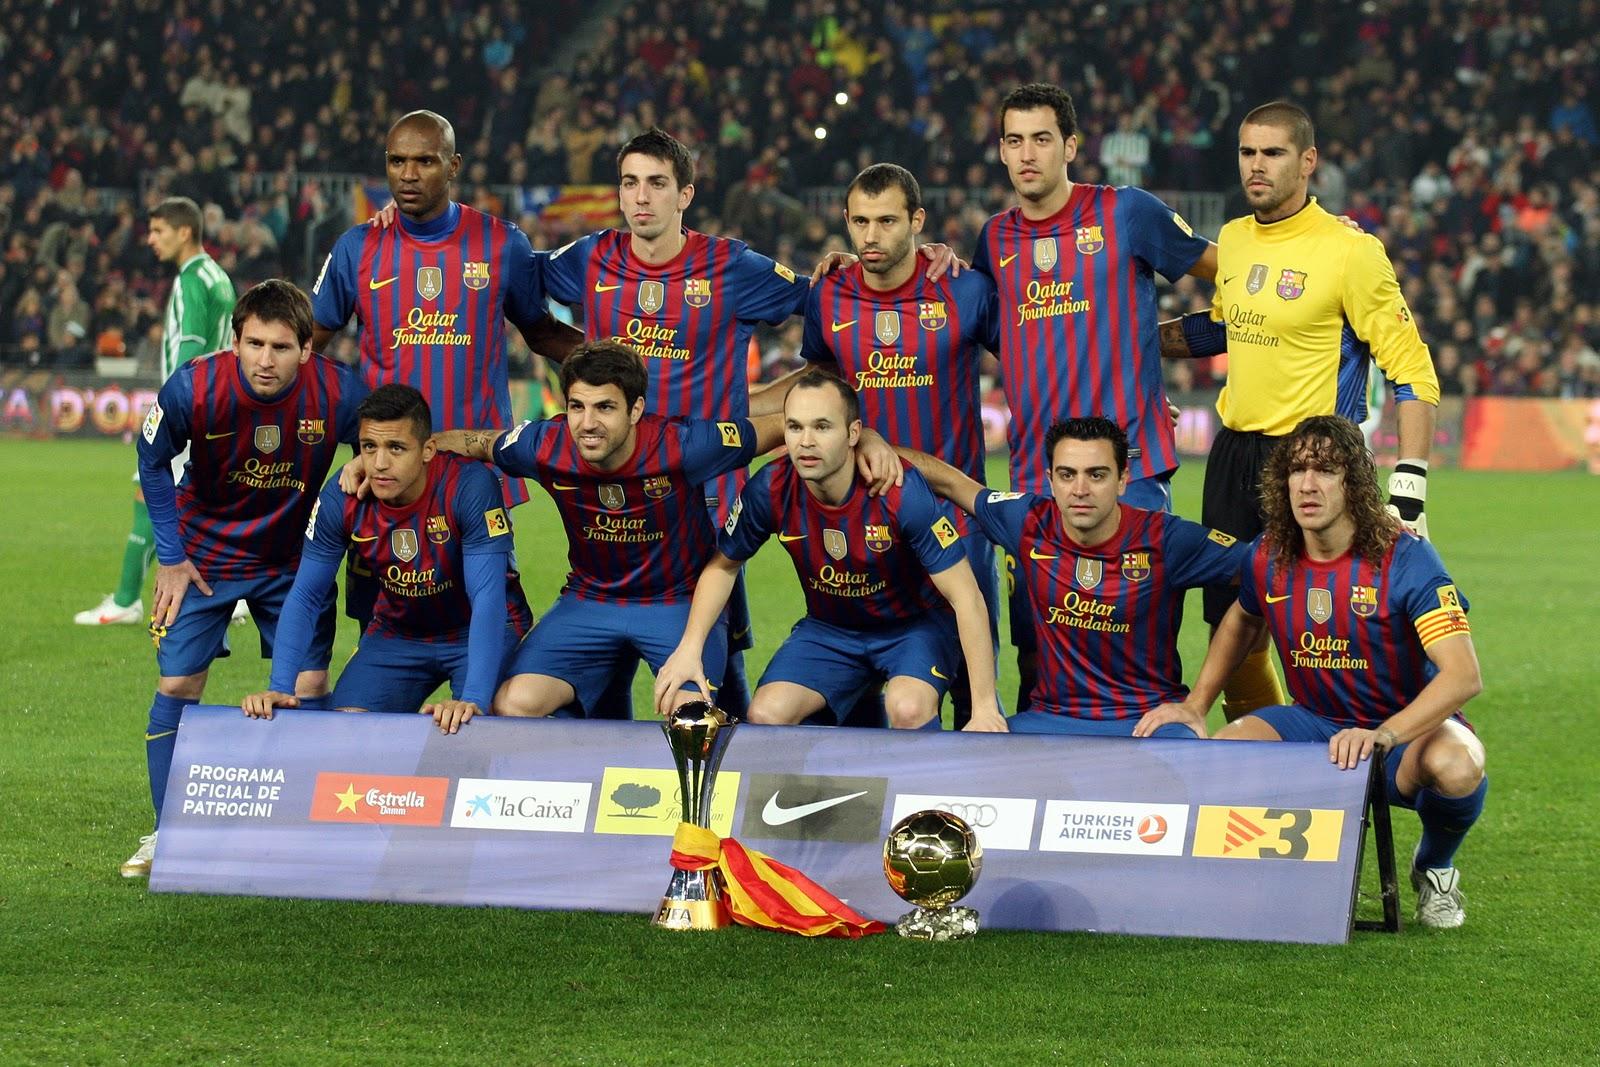 Fk Barselona Luchshij Futbolnyj Klub Oboi